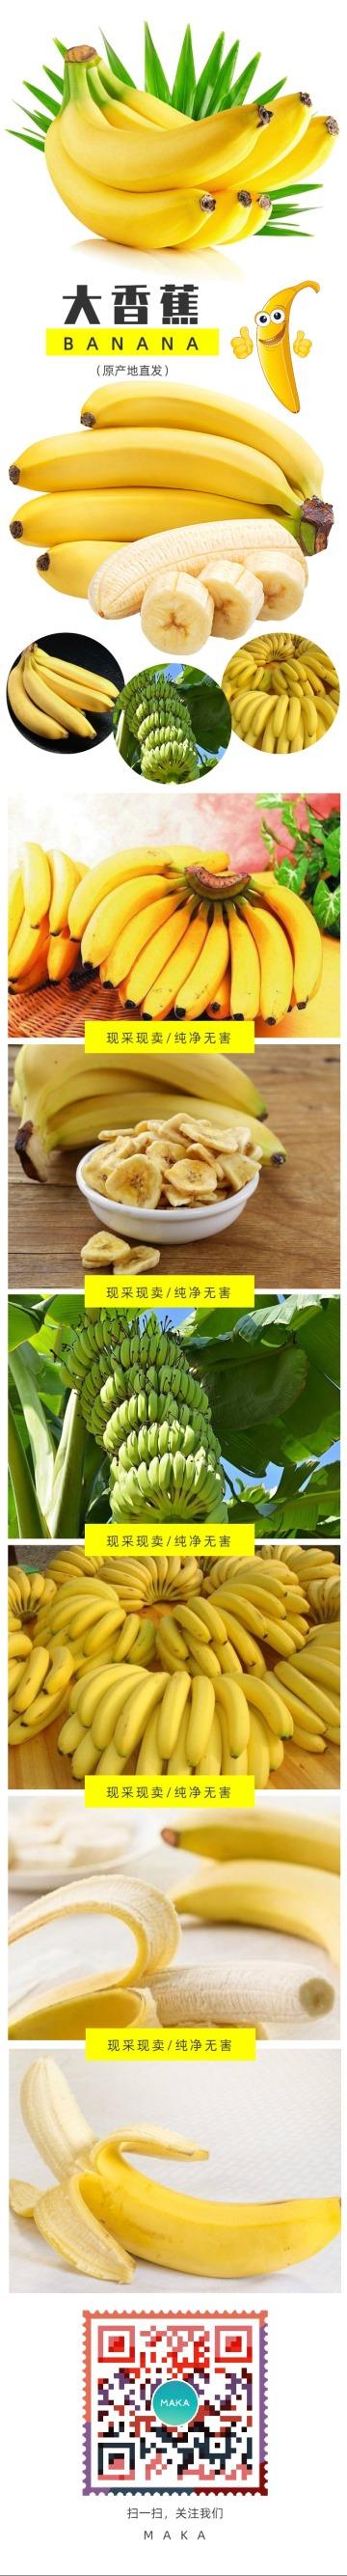 香蕉扁平简约风格产品详情页海报模板